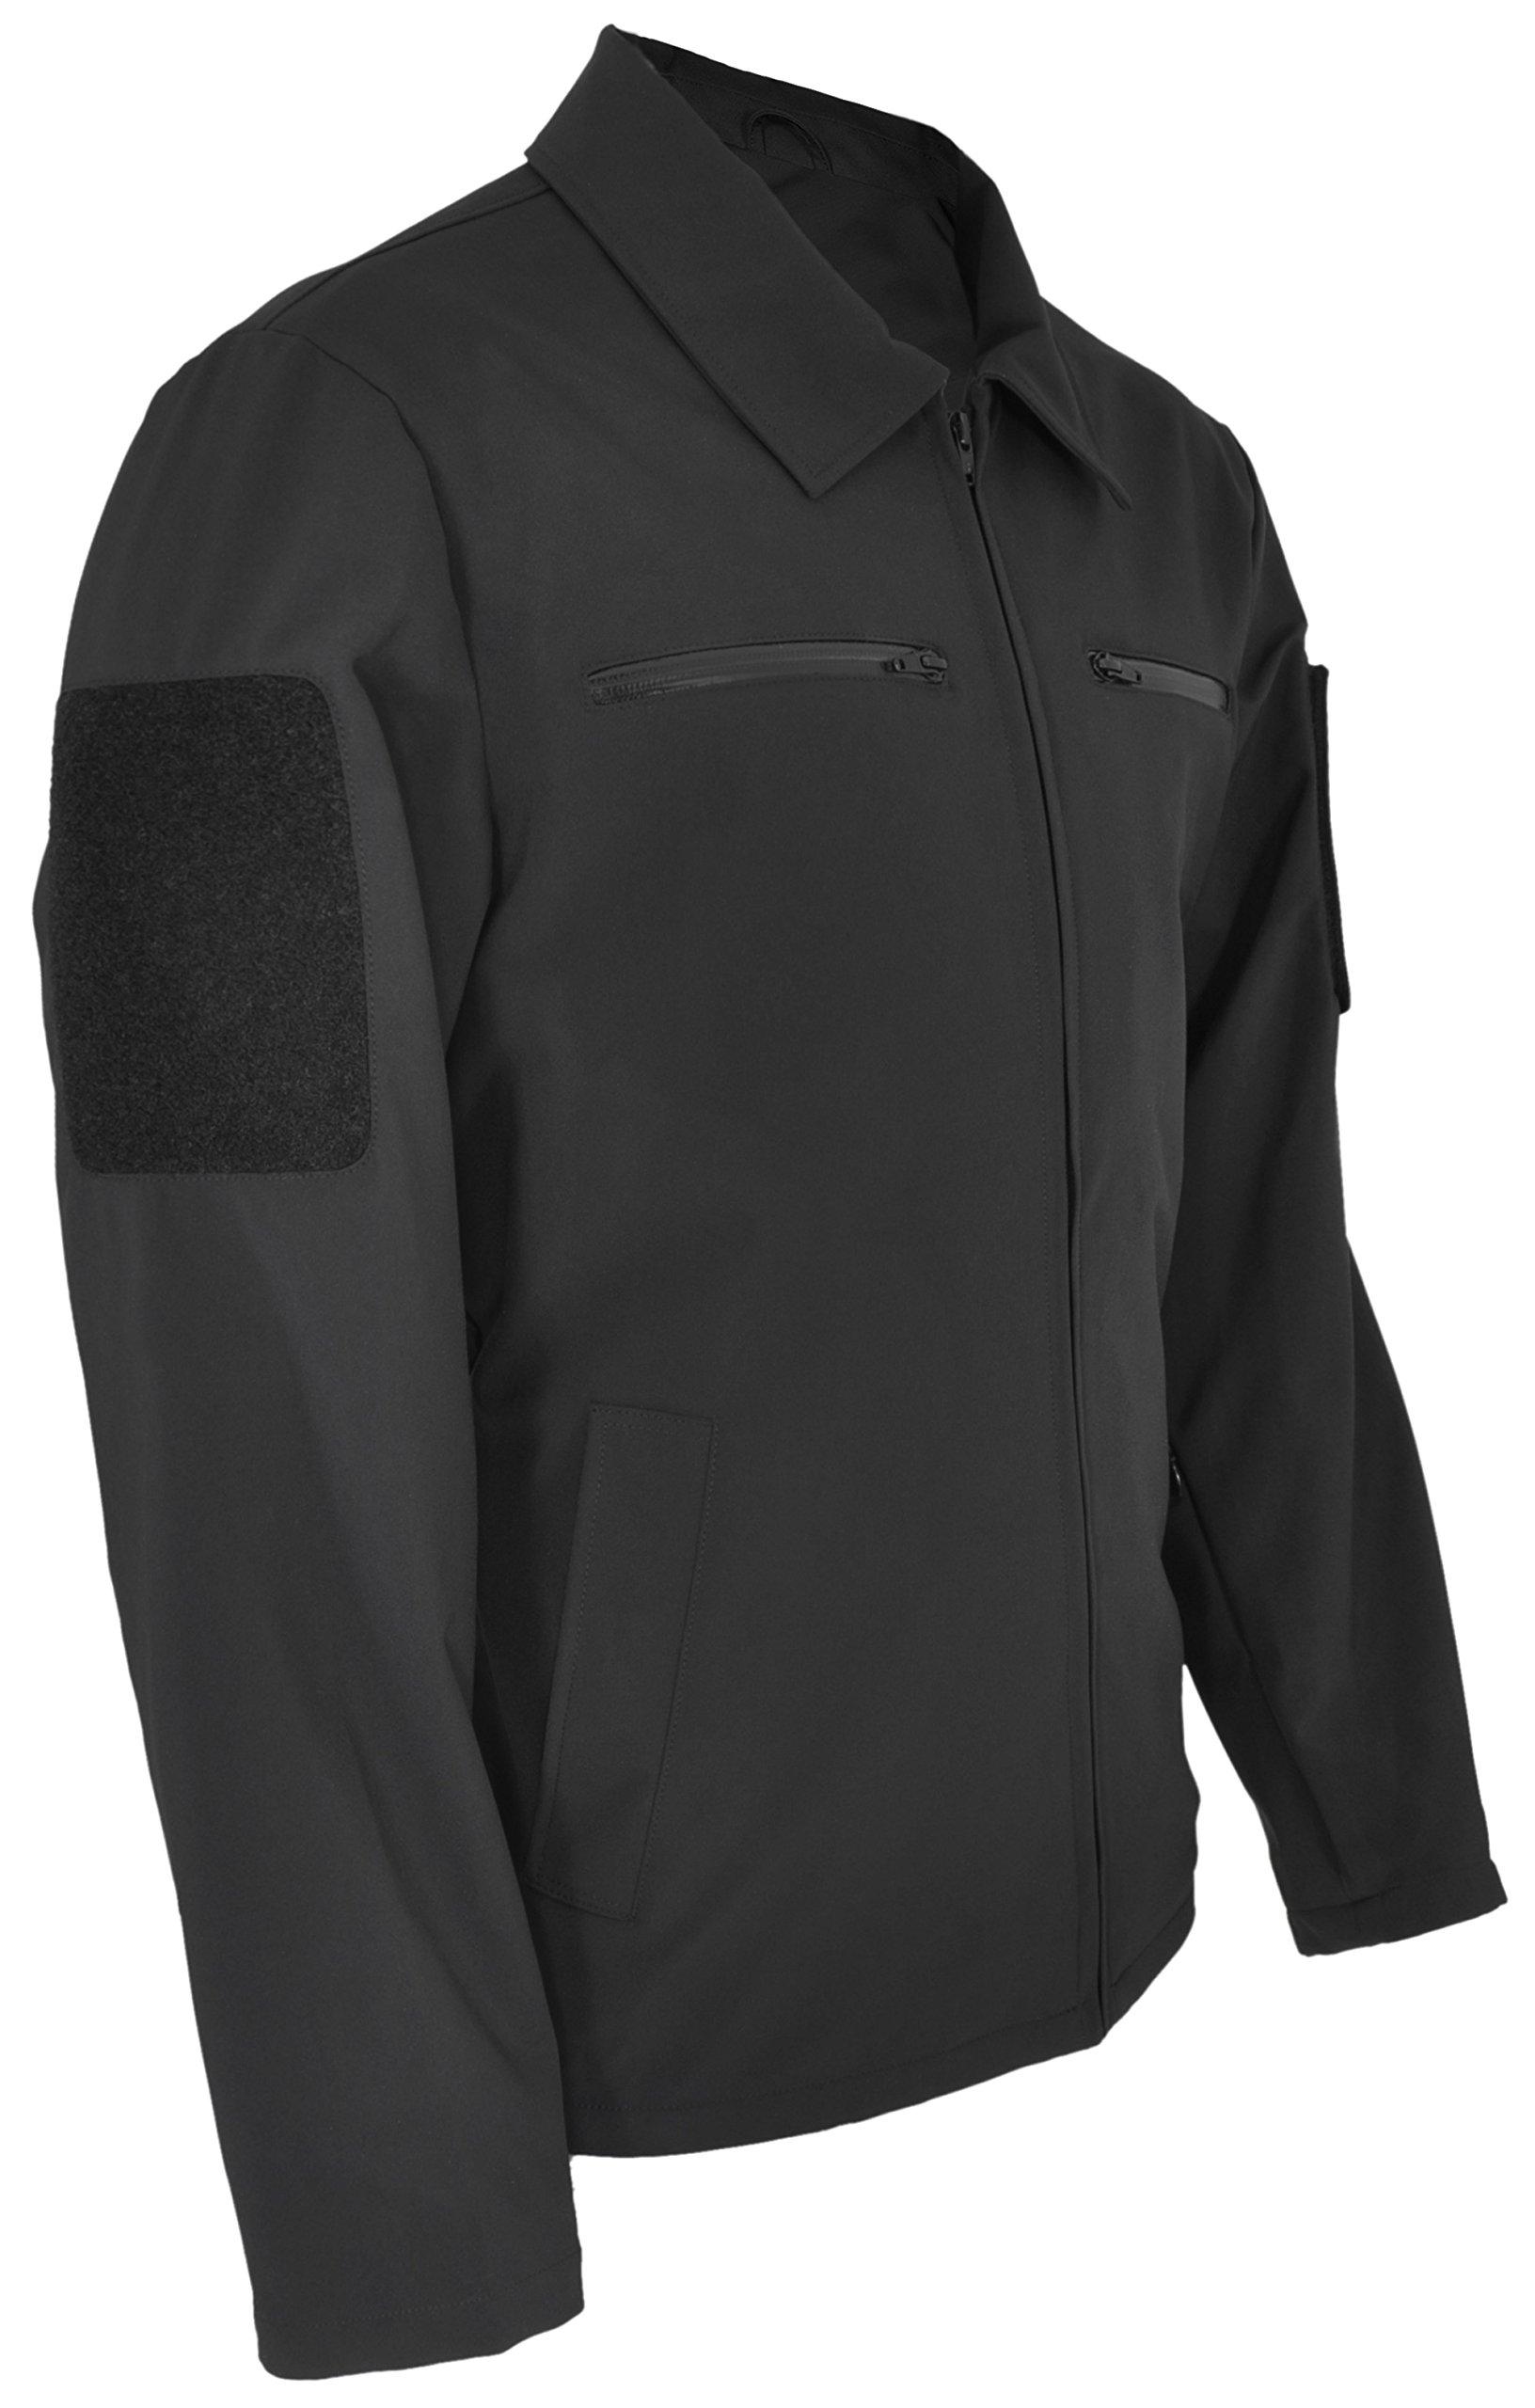 Hazard 4 Action-Agent Softshell Urban Jacket, Black, Large